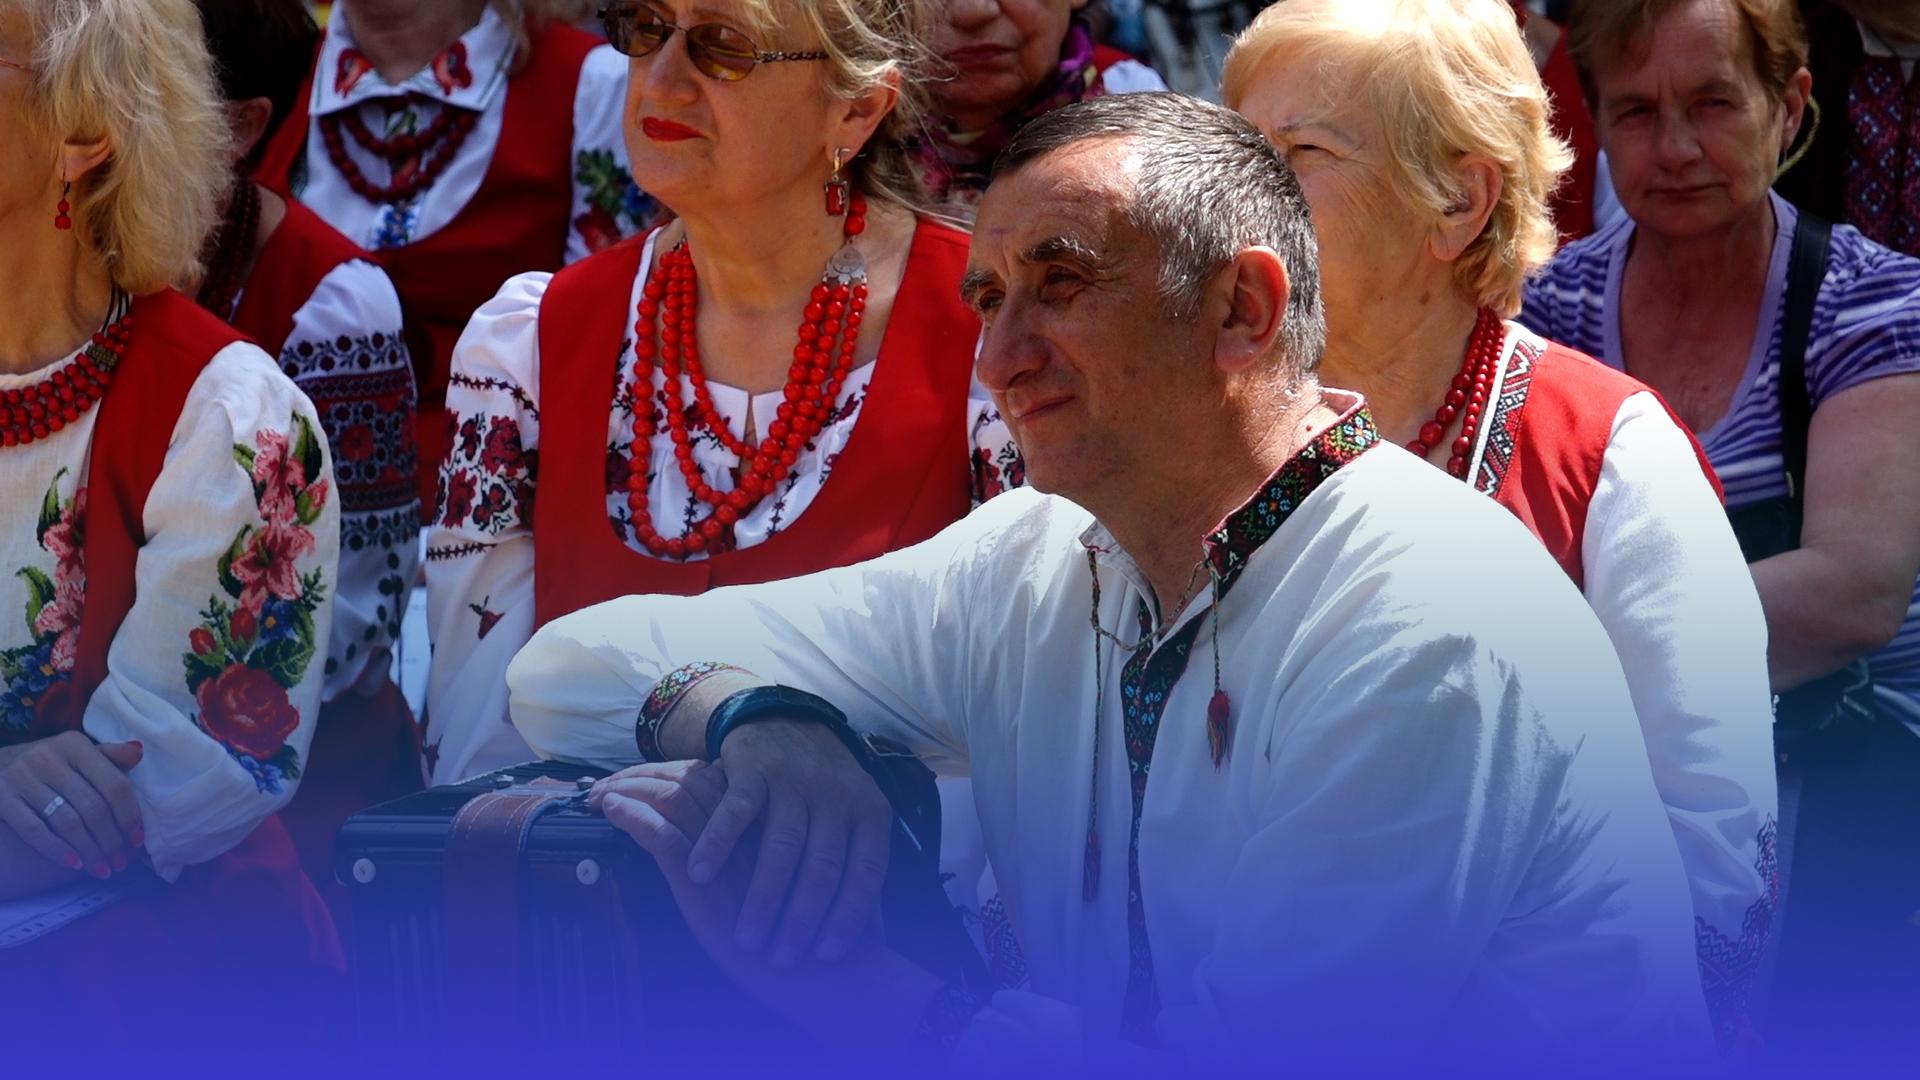 Гучні пісні та аплодисменти: у Тернополі організували святковий концерт до Дня батька